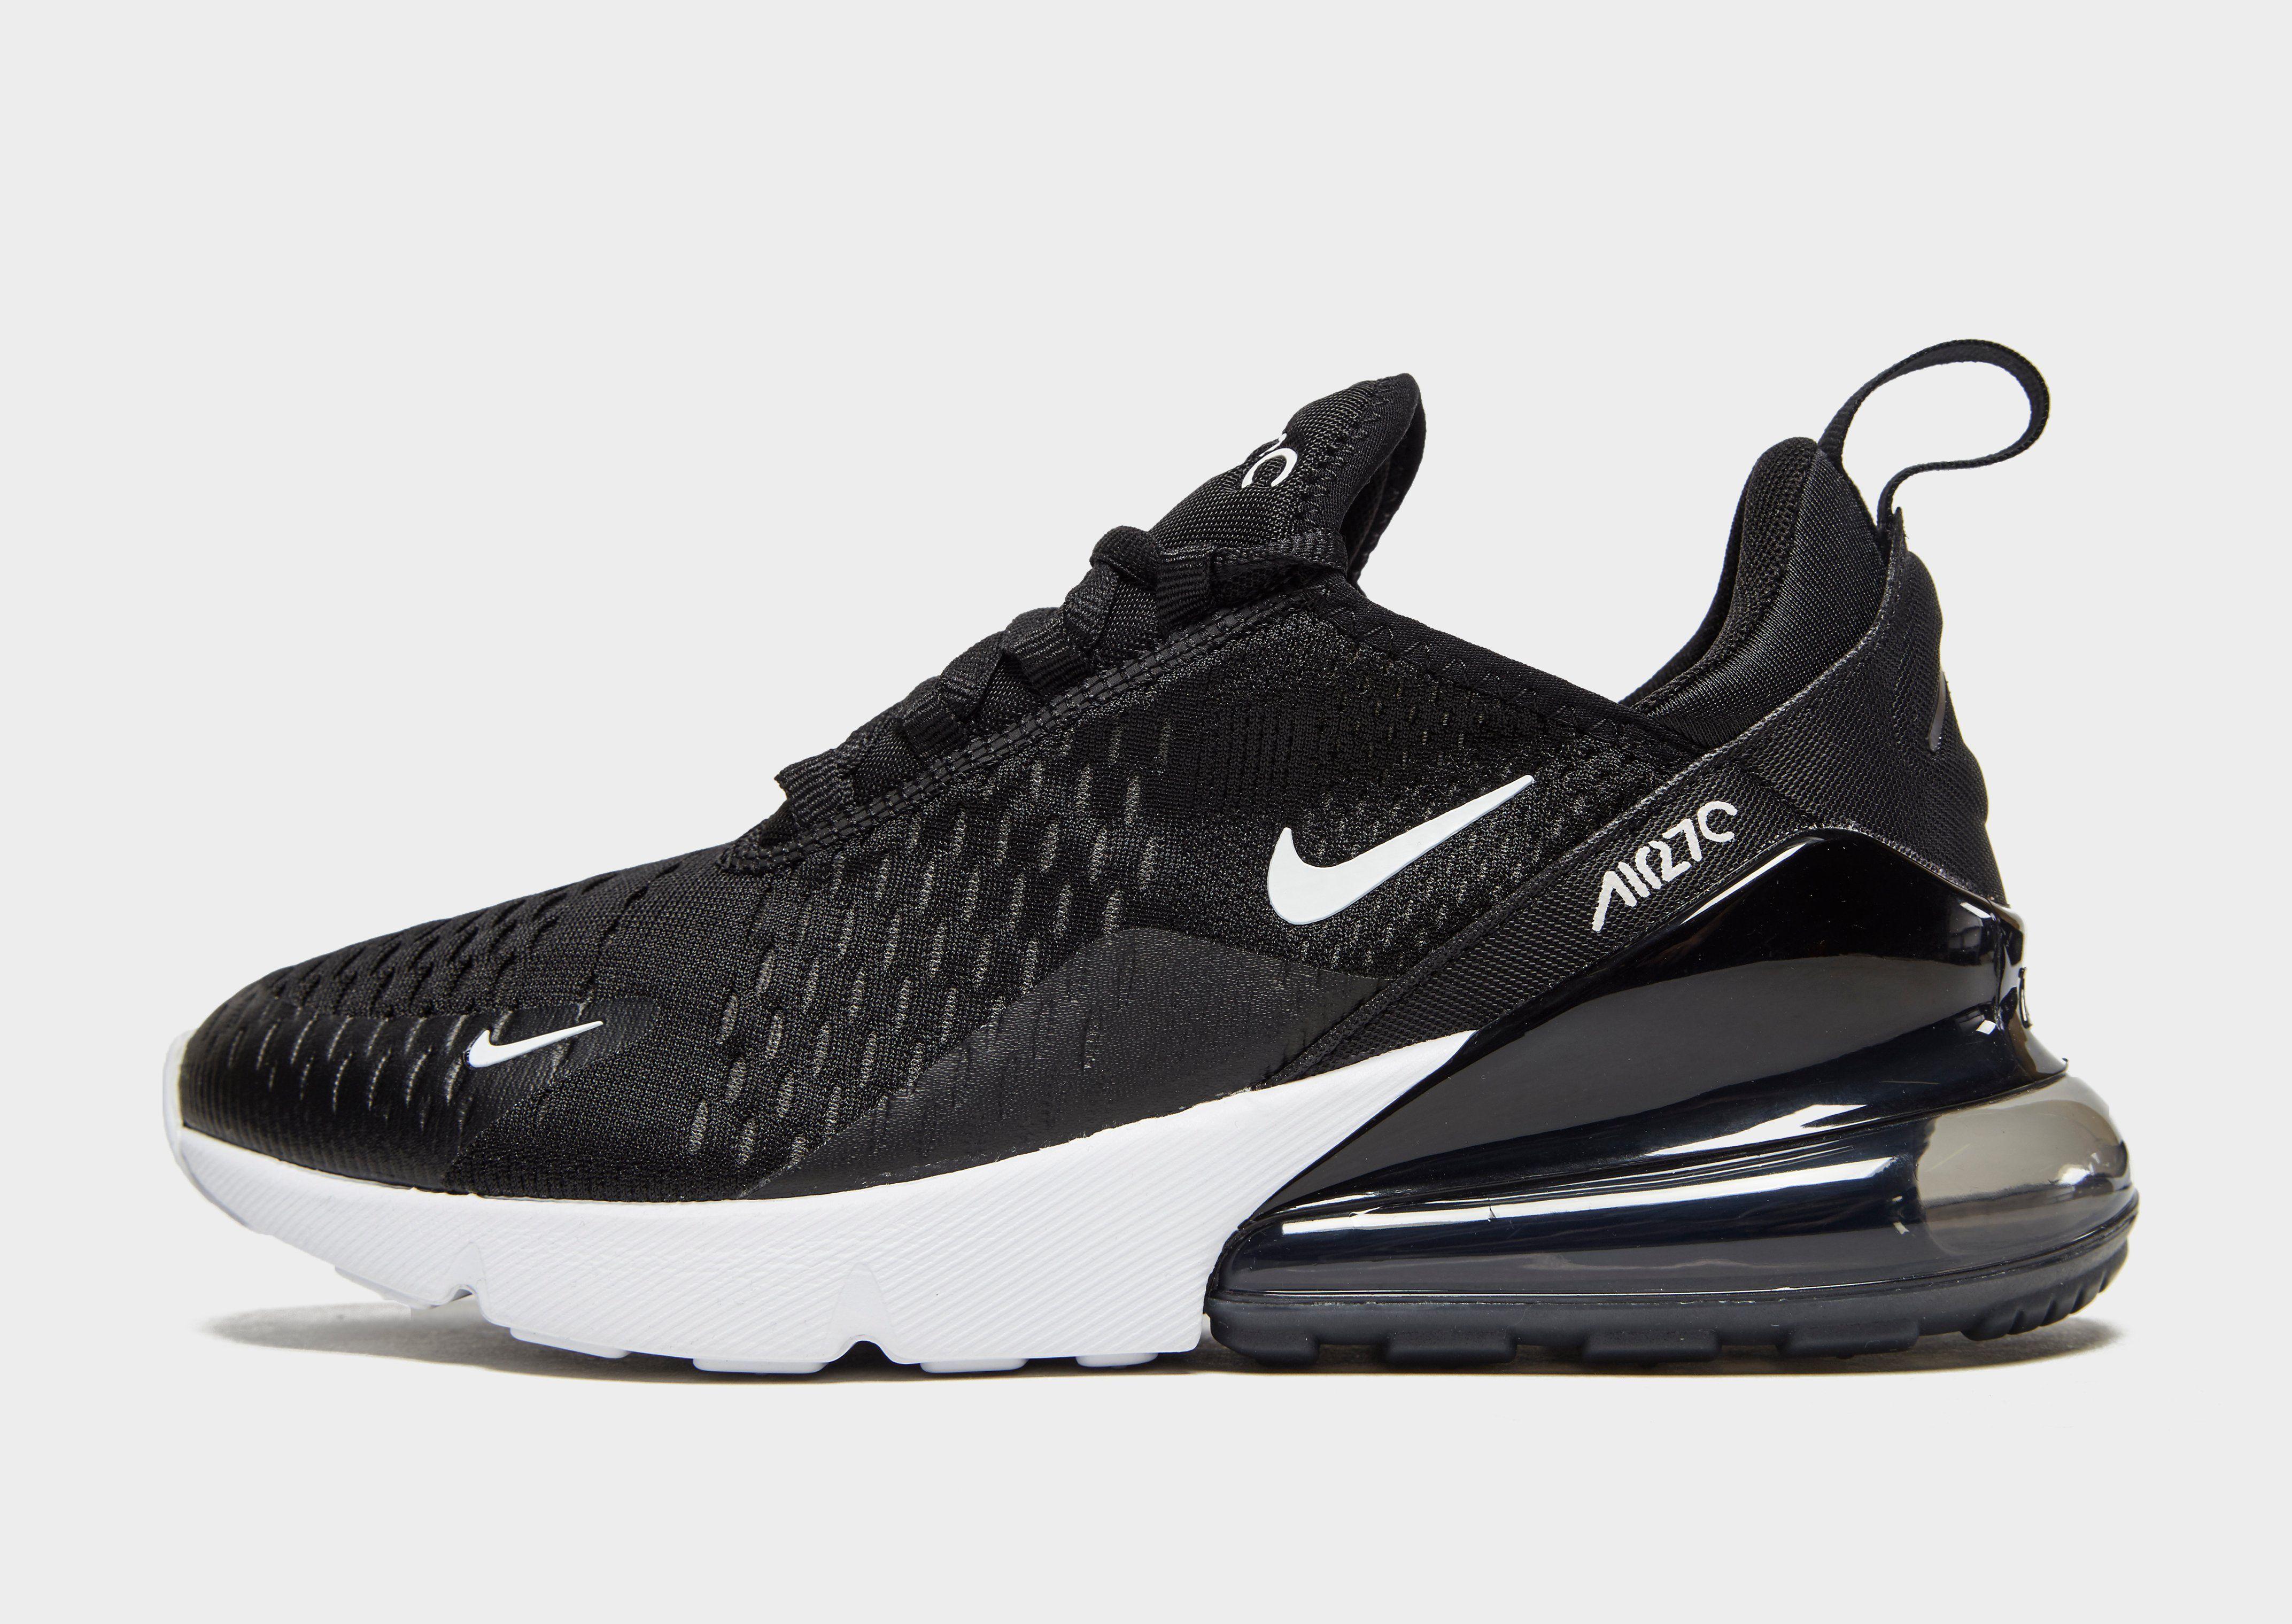 Nike Air Max 270 Damen in 2019 | Mode | Nike air max, Nike und Nike air